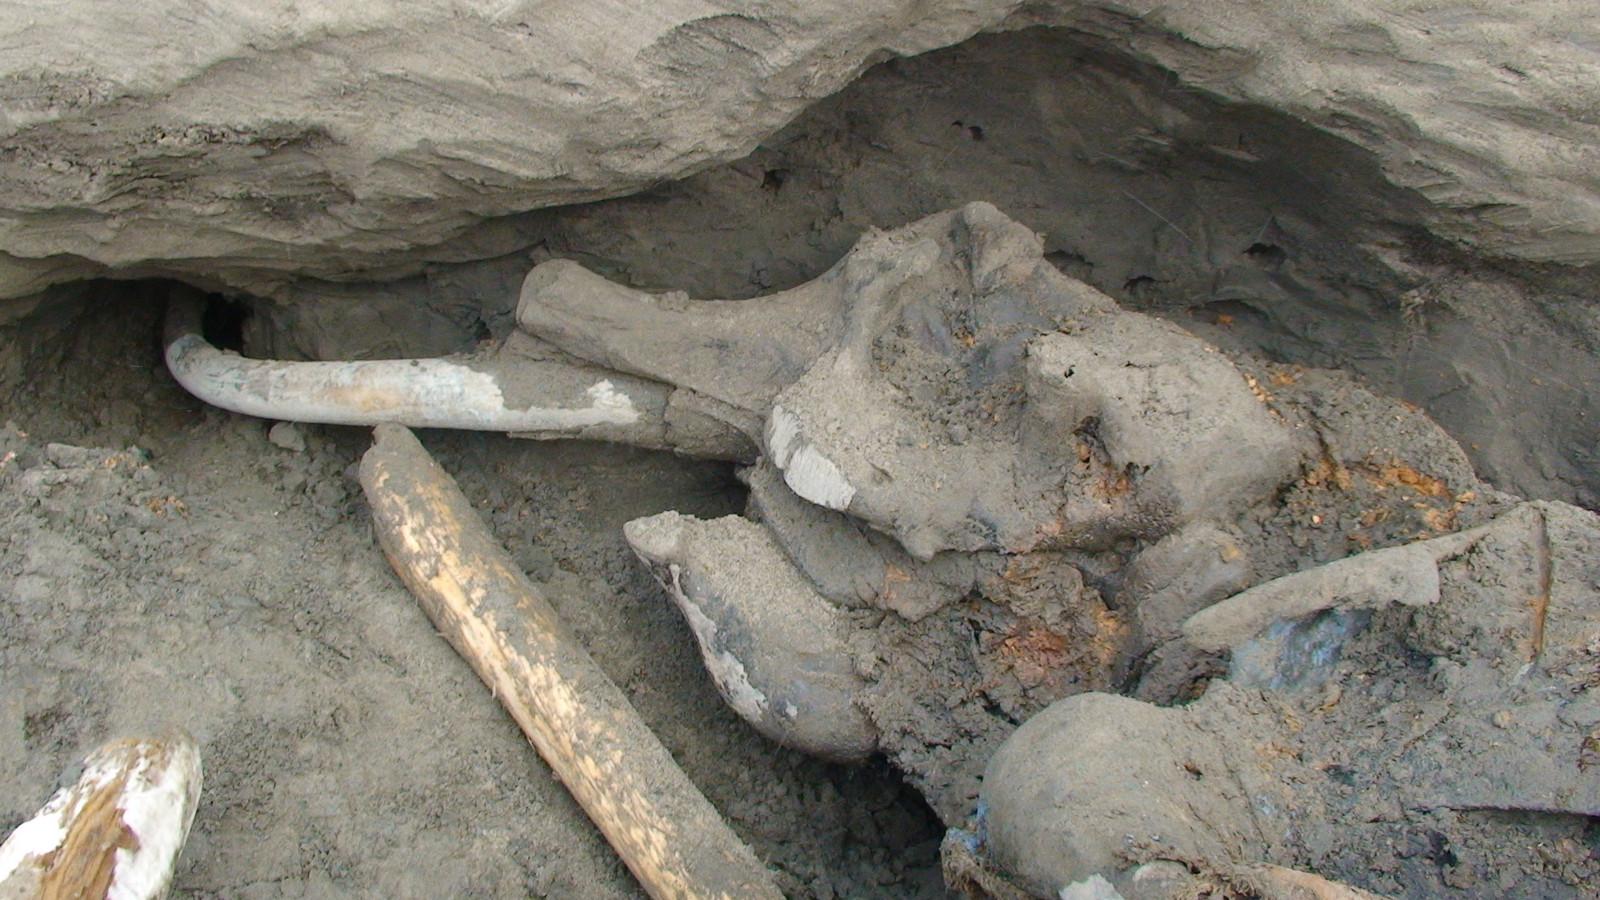 De in Rusland gevonden mammoet is volgens wetenschappers een van de best bewaarde exemplaren ter wereld.